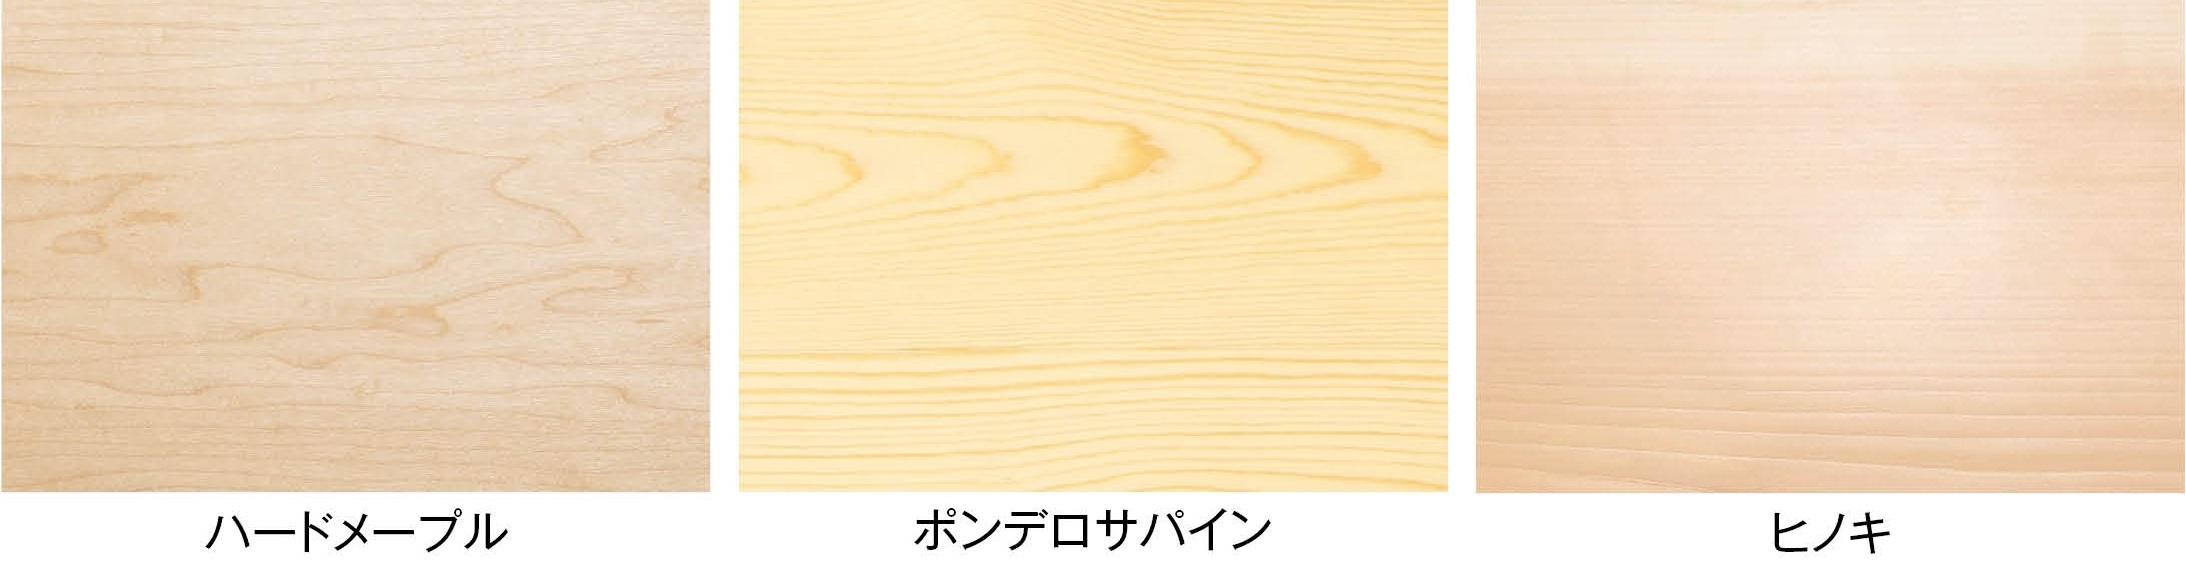 ハードメープル・ポンデロサパイン・ヒノキ